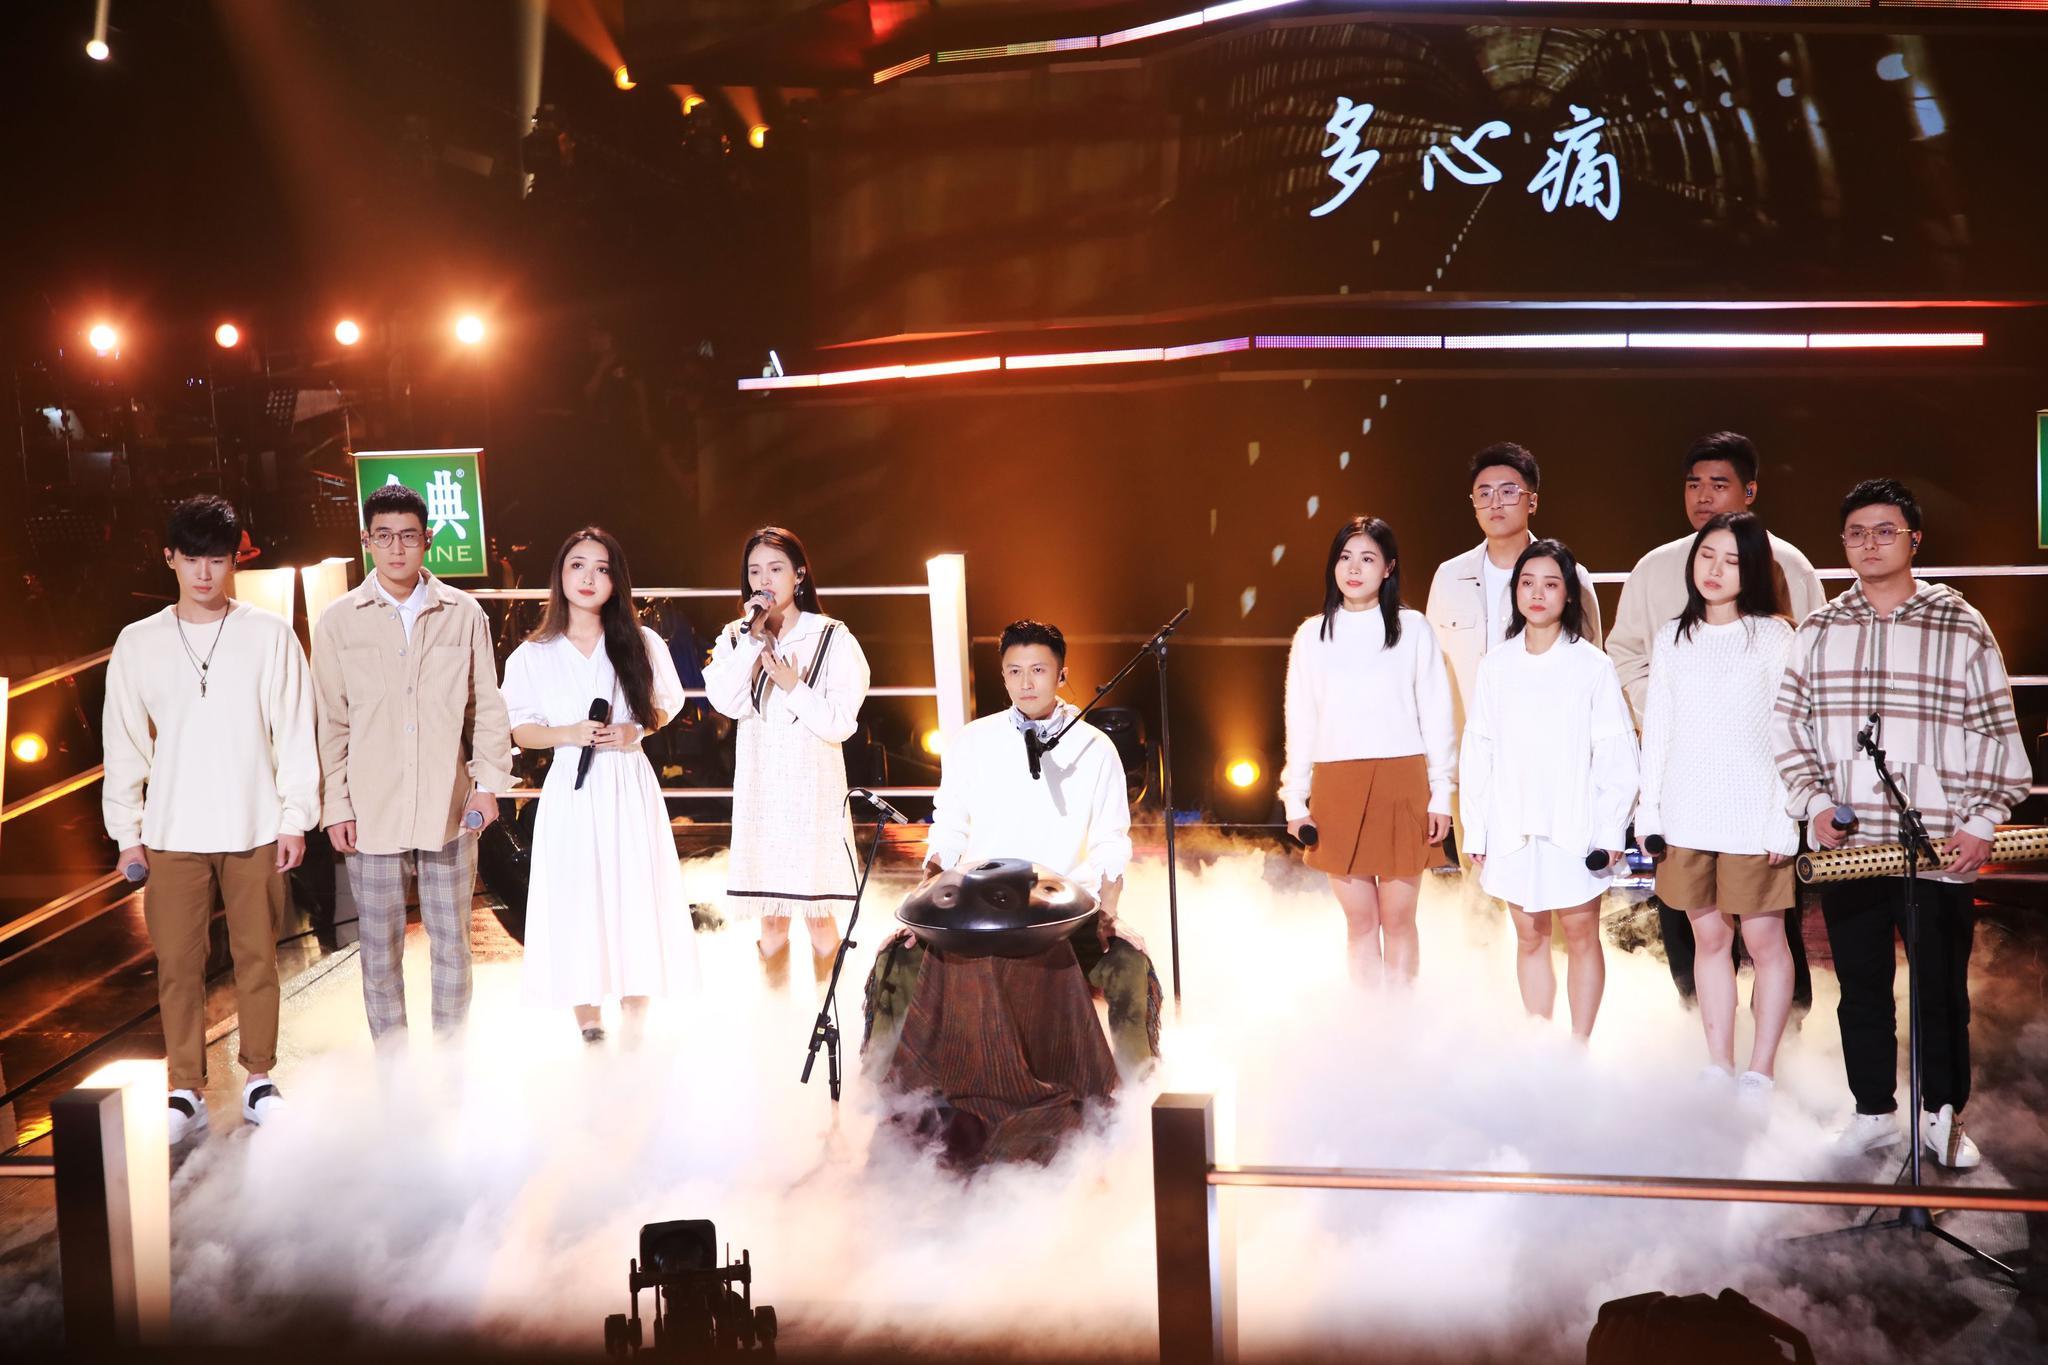 《2020中国好声音》九强诞生夜,谢霆锋《保重》致敬抗疫英雄图片